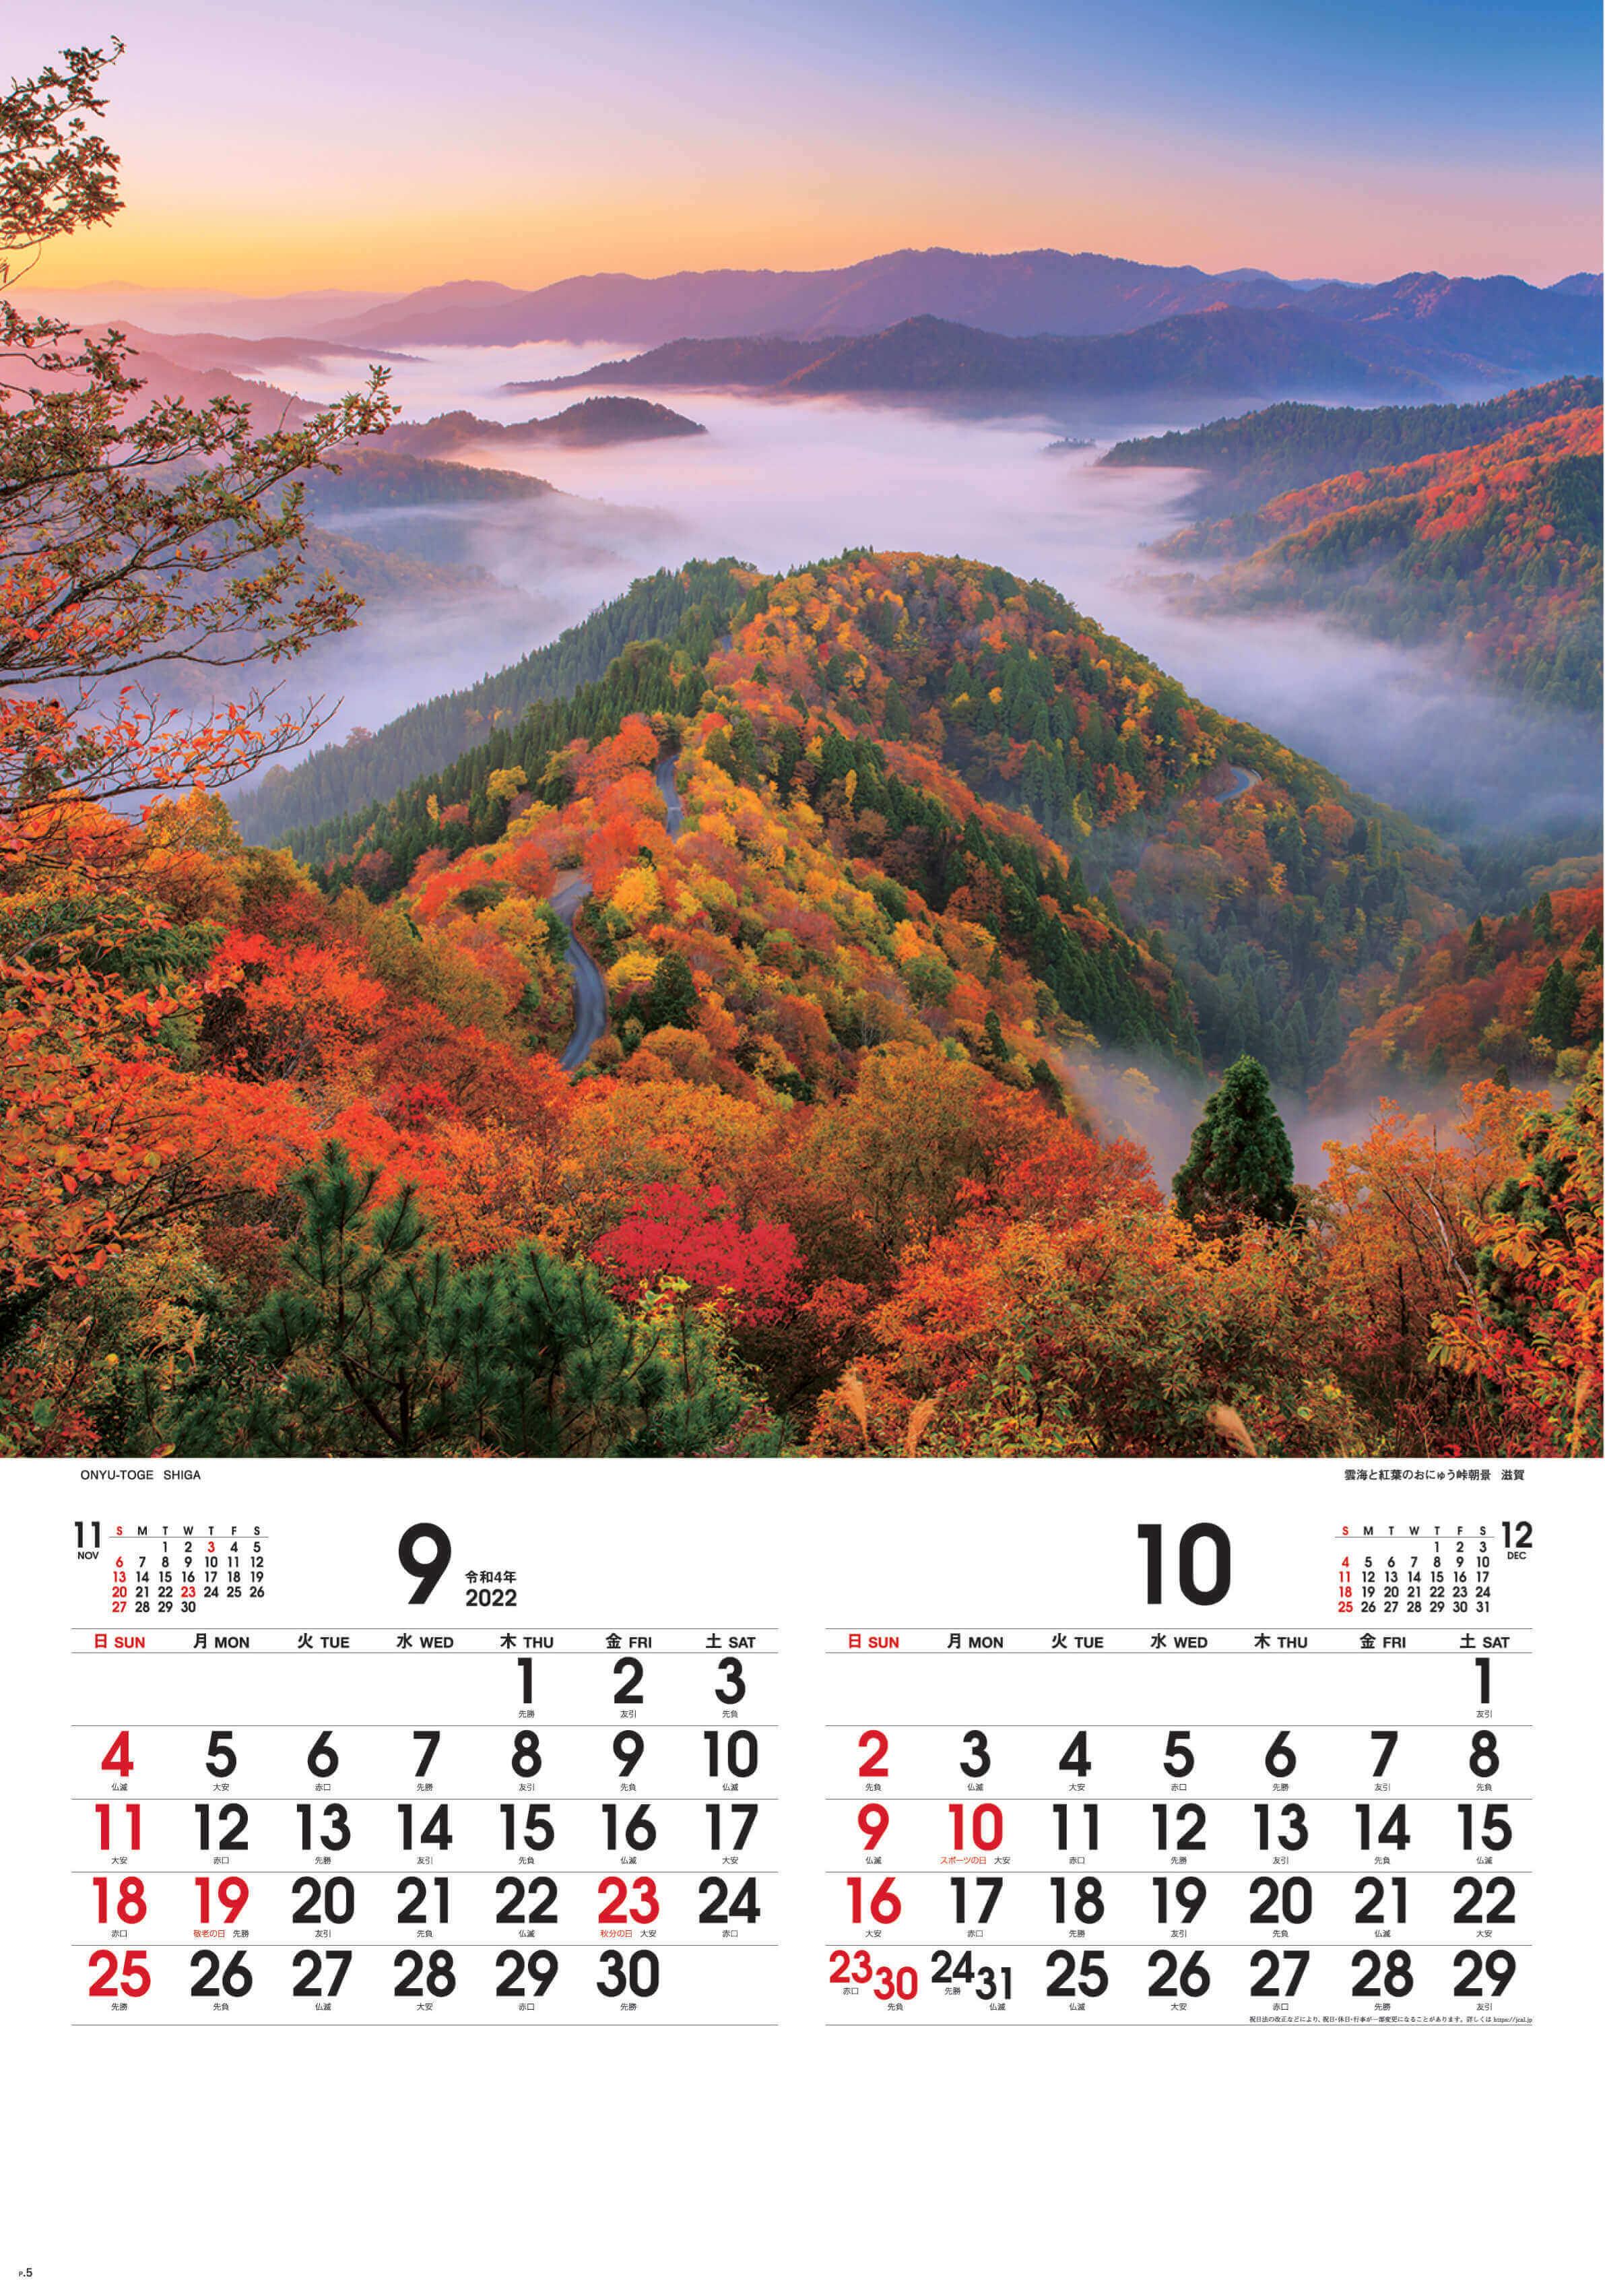 9-10月 おにゅう峠朝景(滋賀) 四季彩峰(フィルムカレンダー) 2022年カレンダーの画像